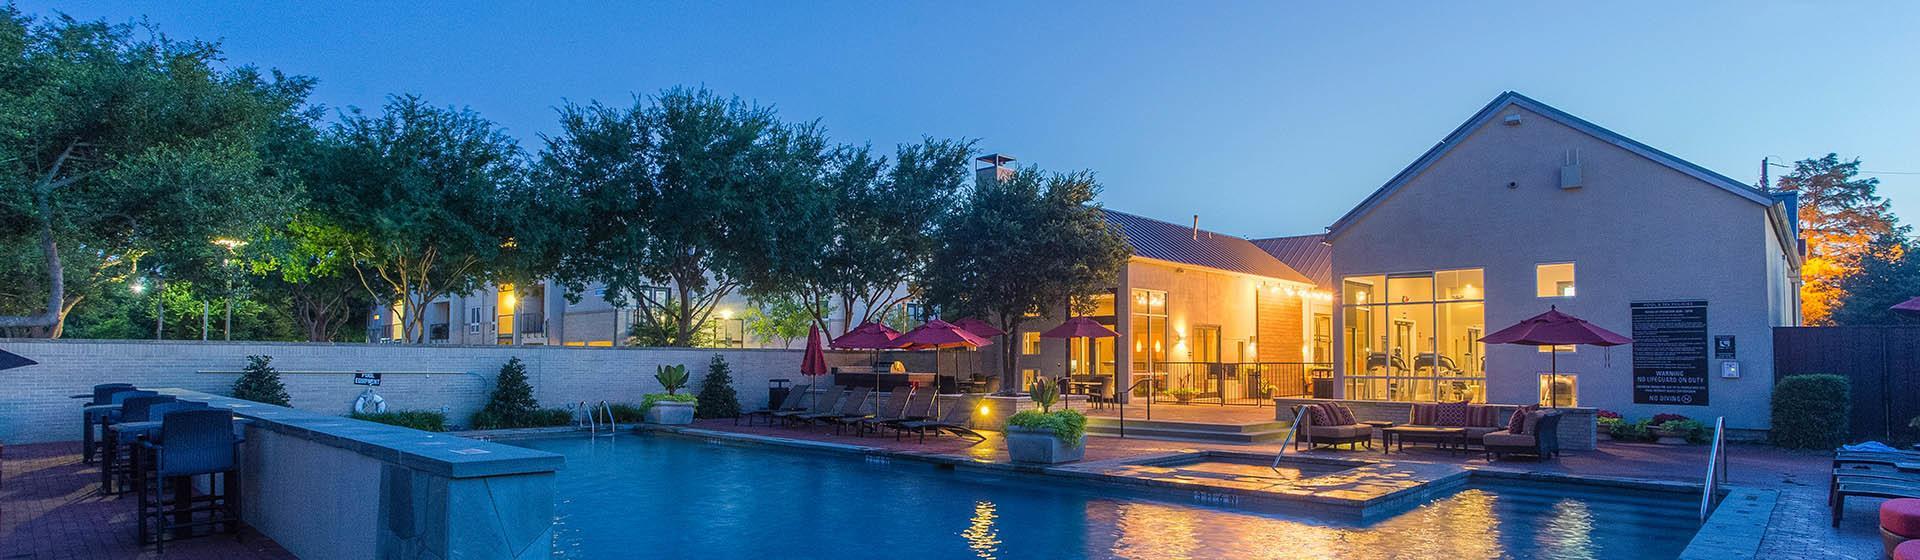 Luxury 1 2 3 bedroom apartments in dallas tx - 3 bedroom apartments dallas texas ...